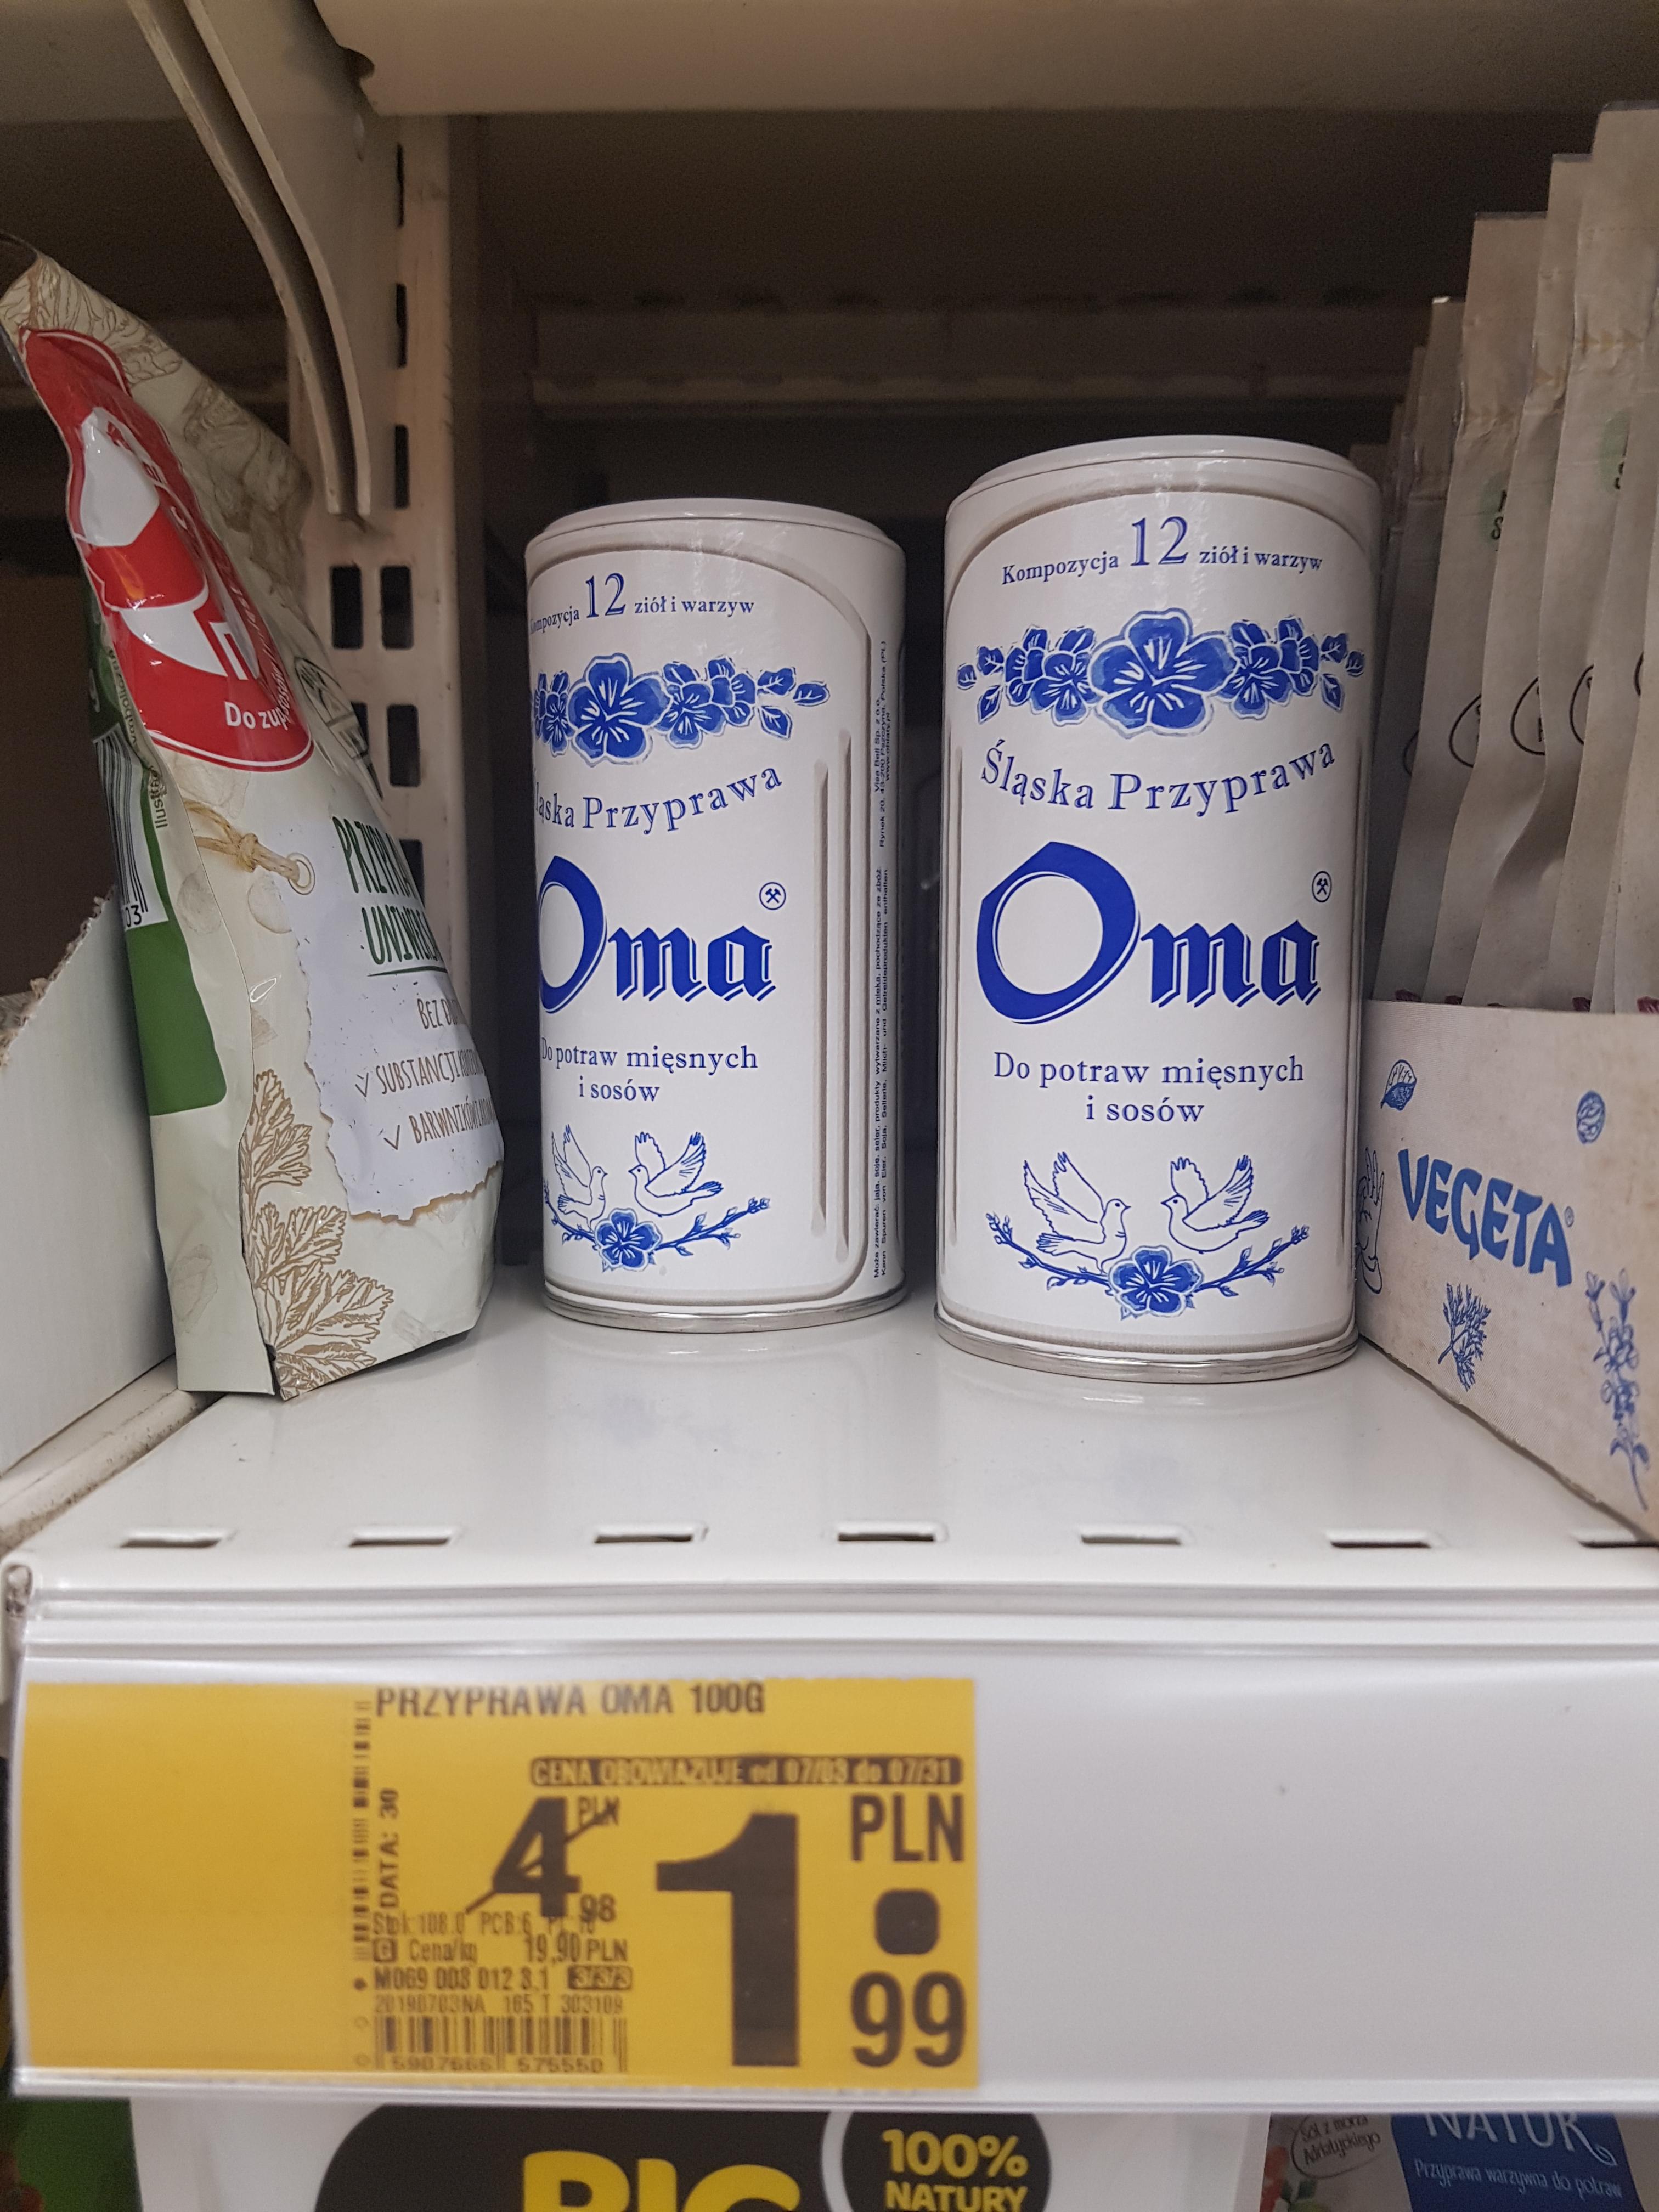 Śląska przyprawa OMA 100g w Auchan Wola Park